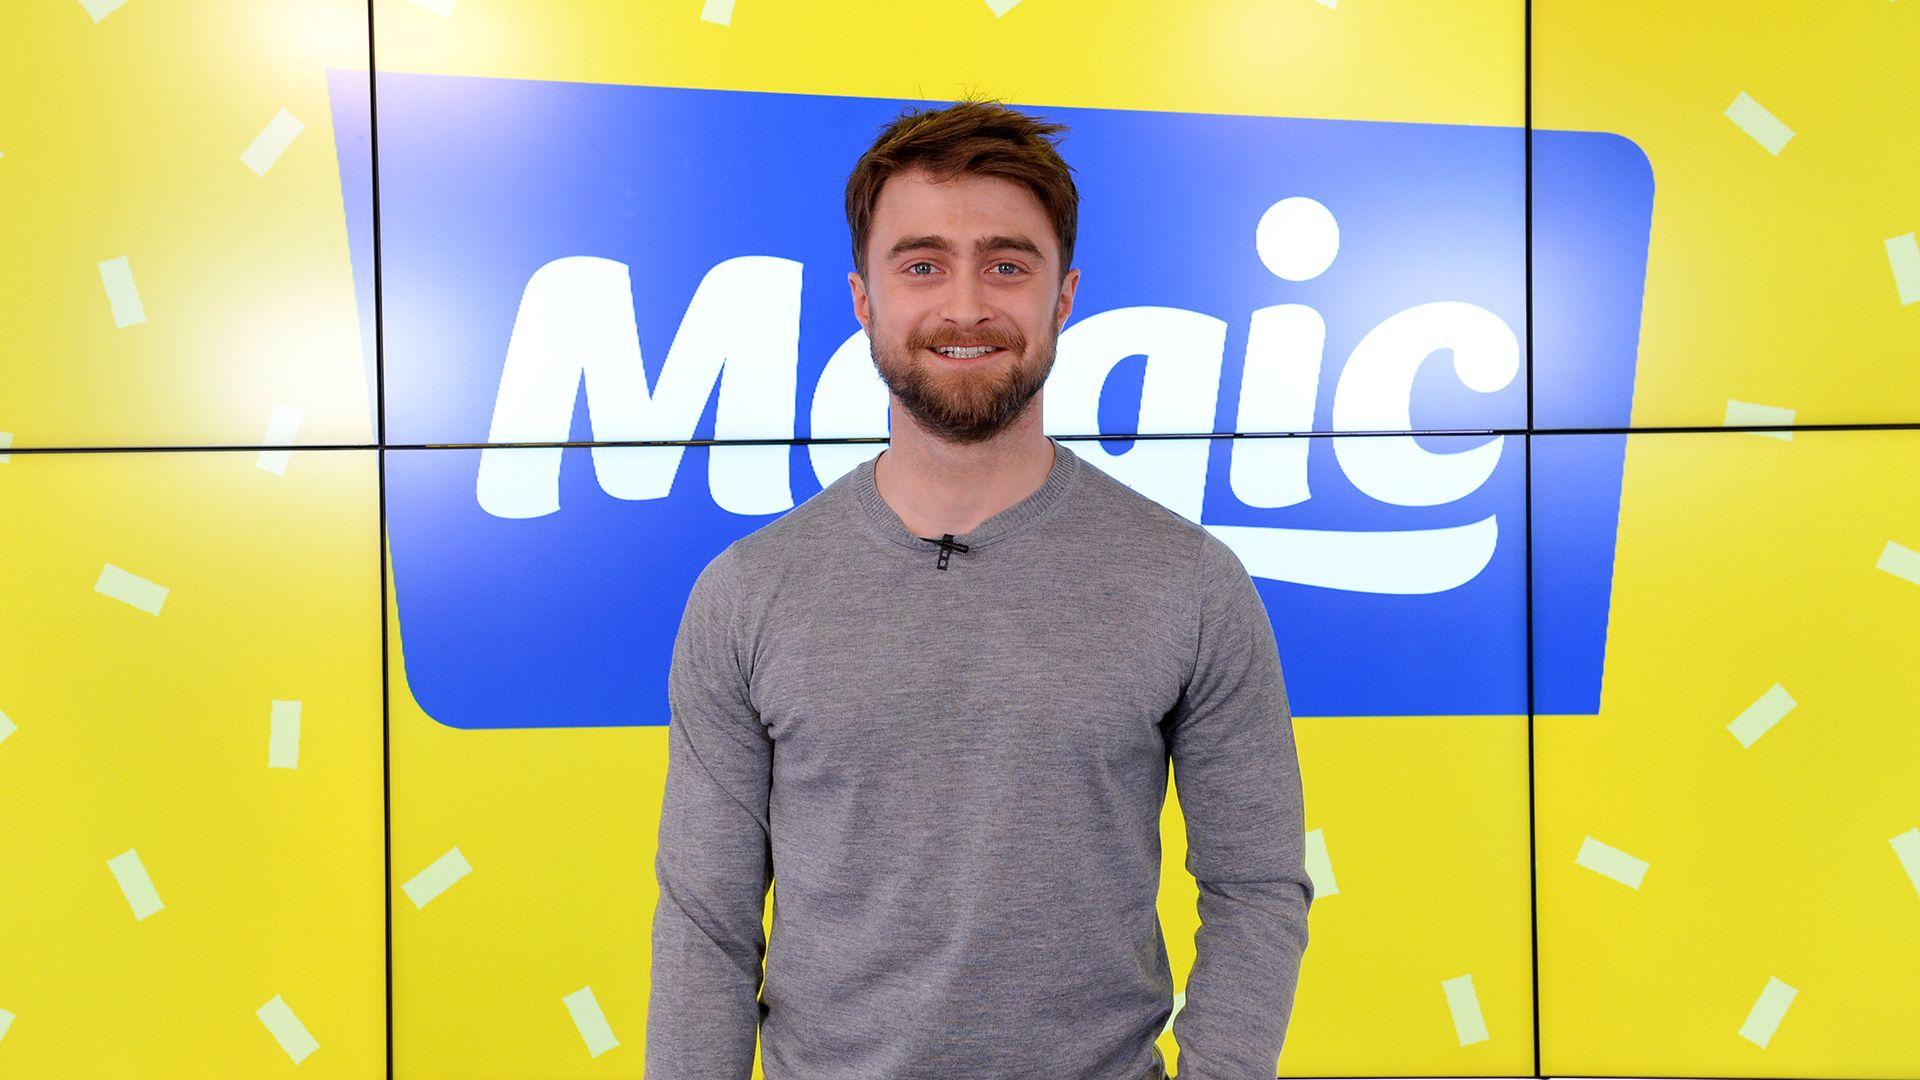 Daniel Radcliffe-ről áhír terjed, amely szerint koronavírus fertőzött